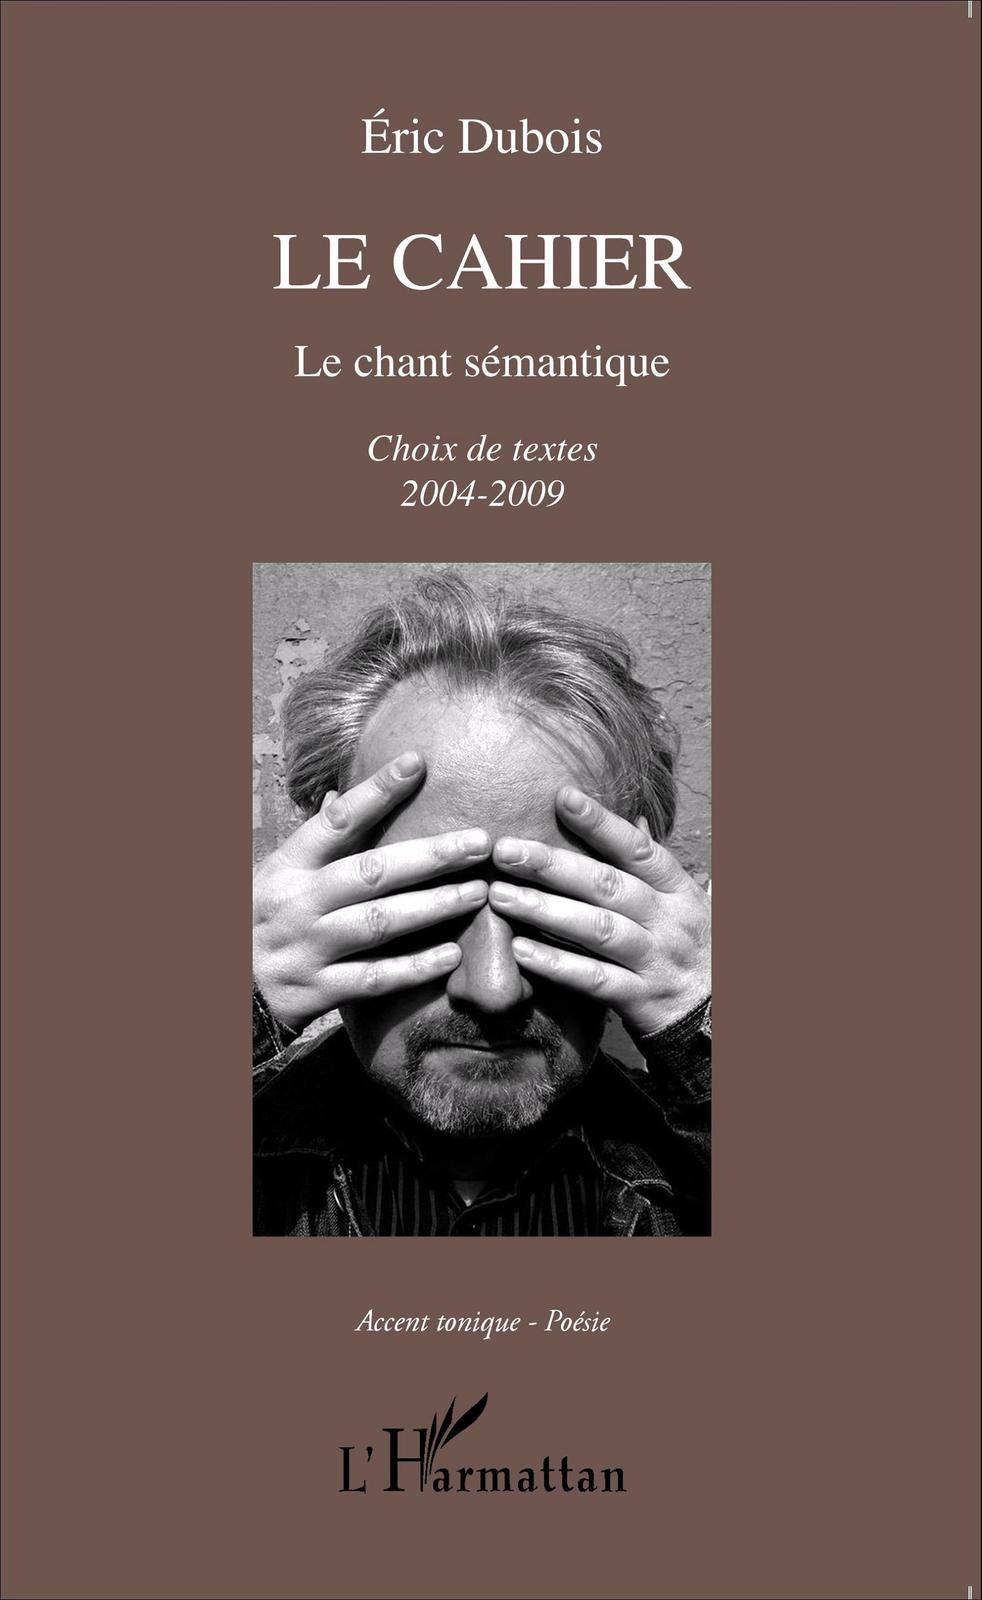 Le cahier. Le chant sémantique. Choix de textes 2004-2009. Eric Dubois. Editions L'Harmattan. Collection Accent Tonique Poésie. | DR